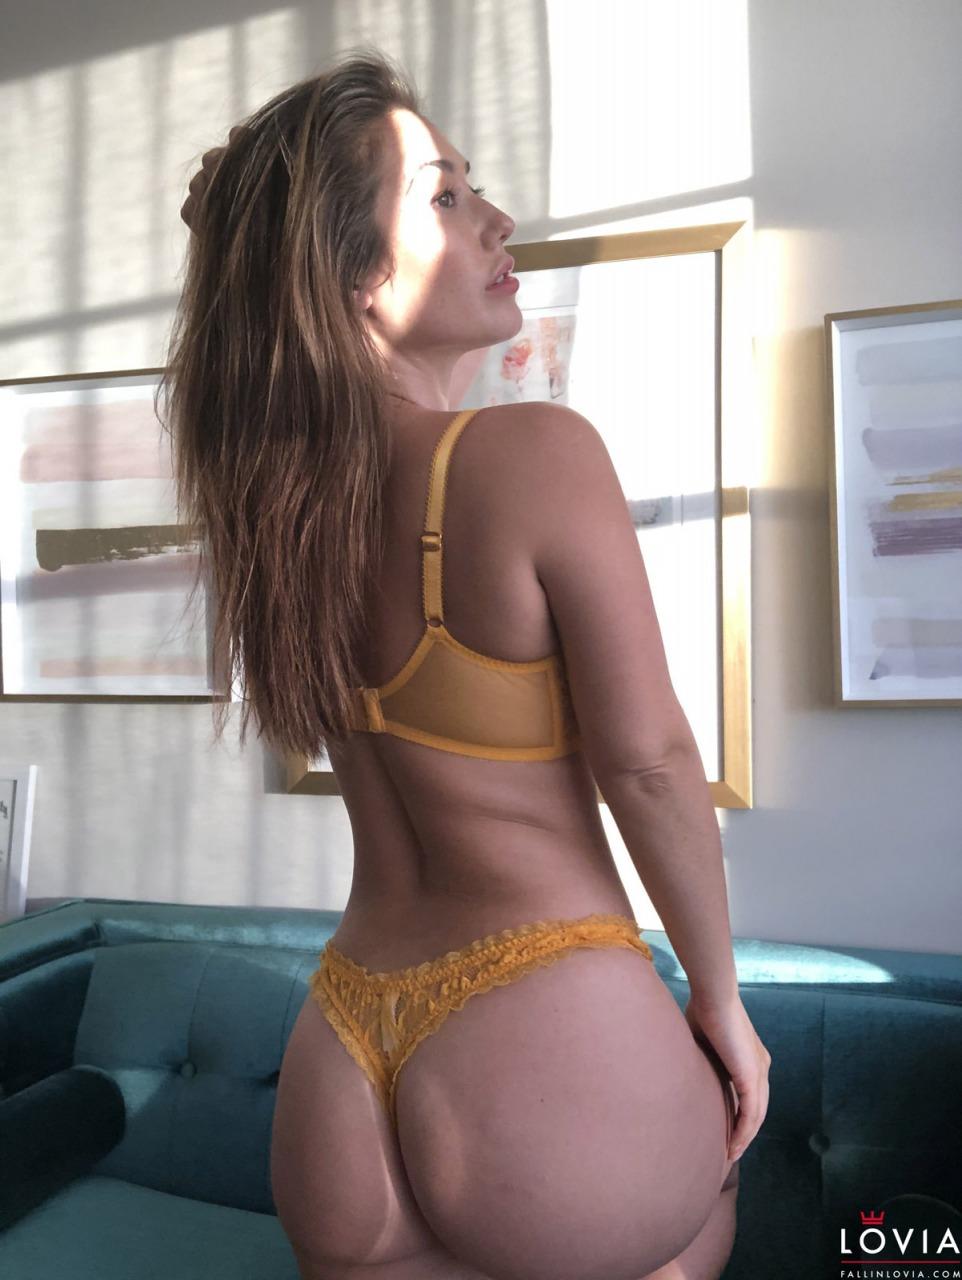 Eva Lovia - Edging 6